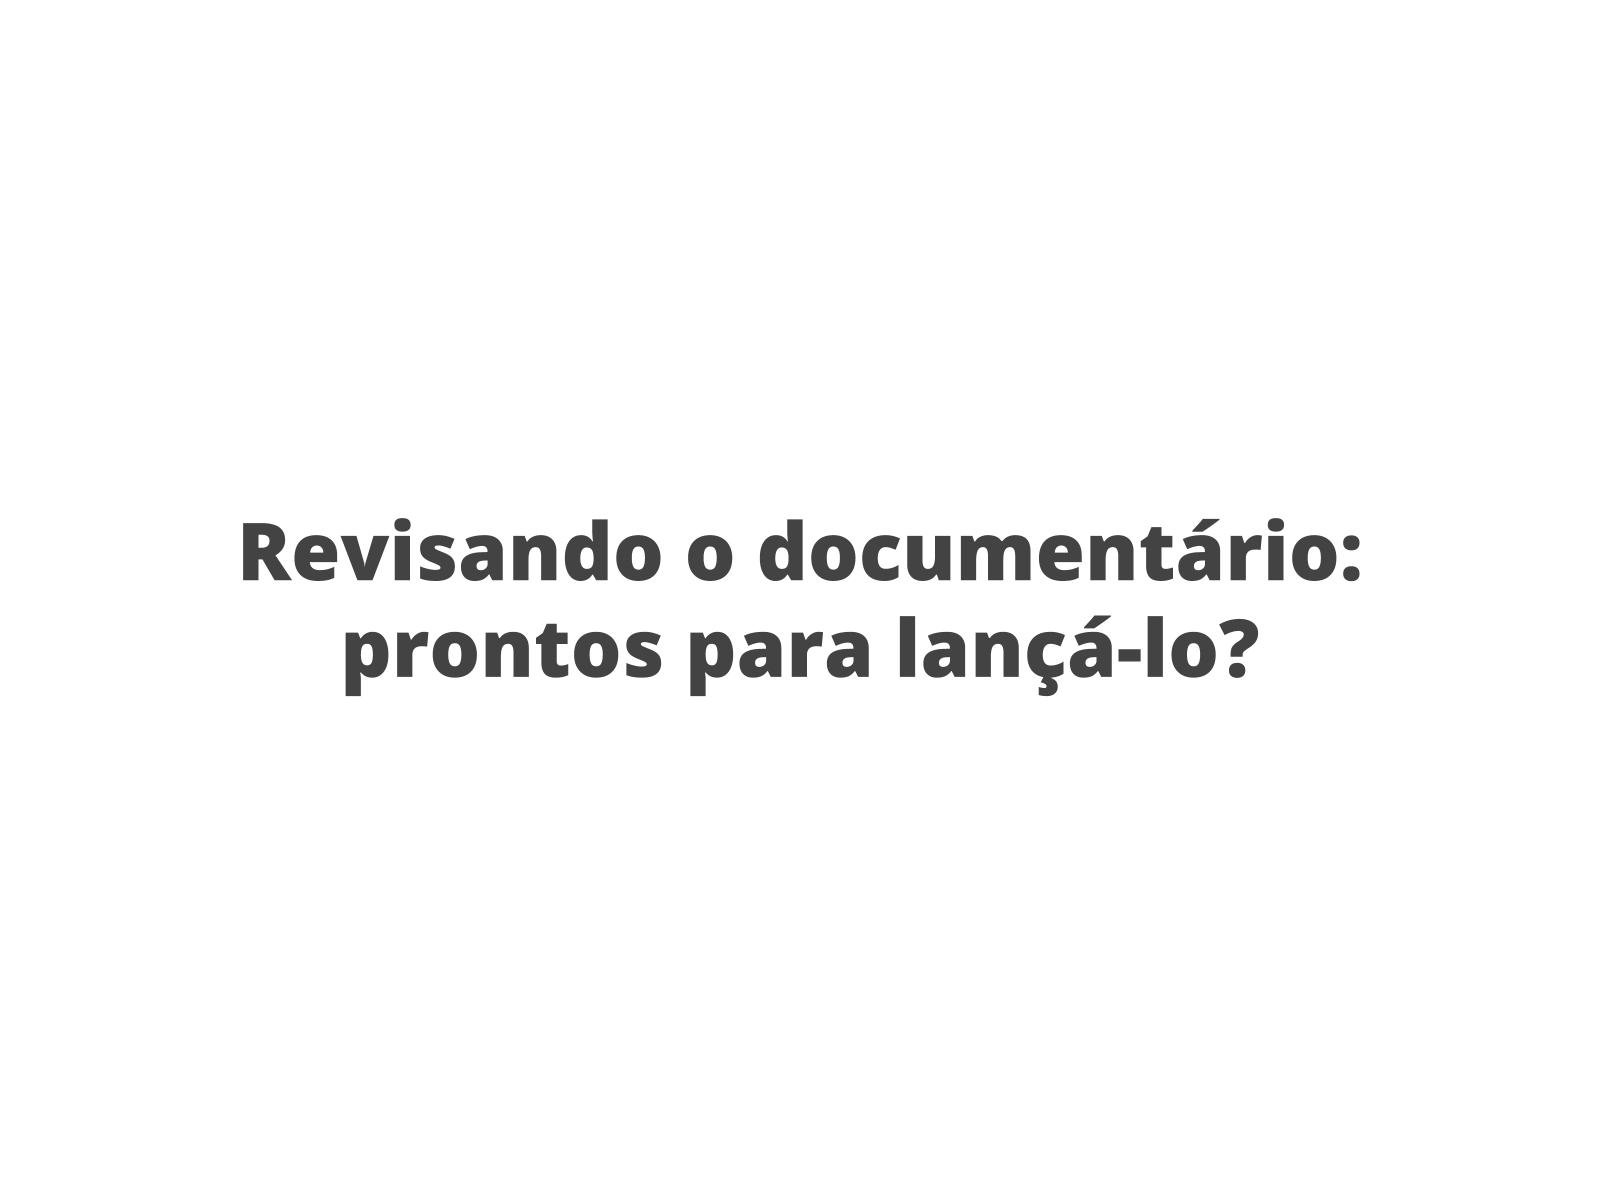 Revisão e edição final do documentário